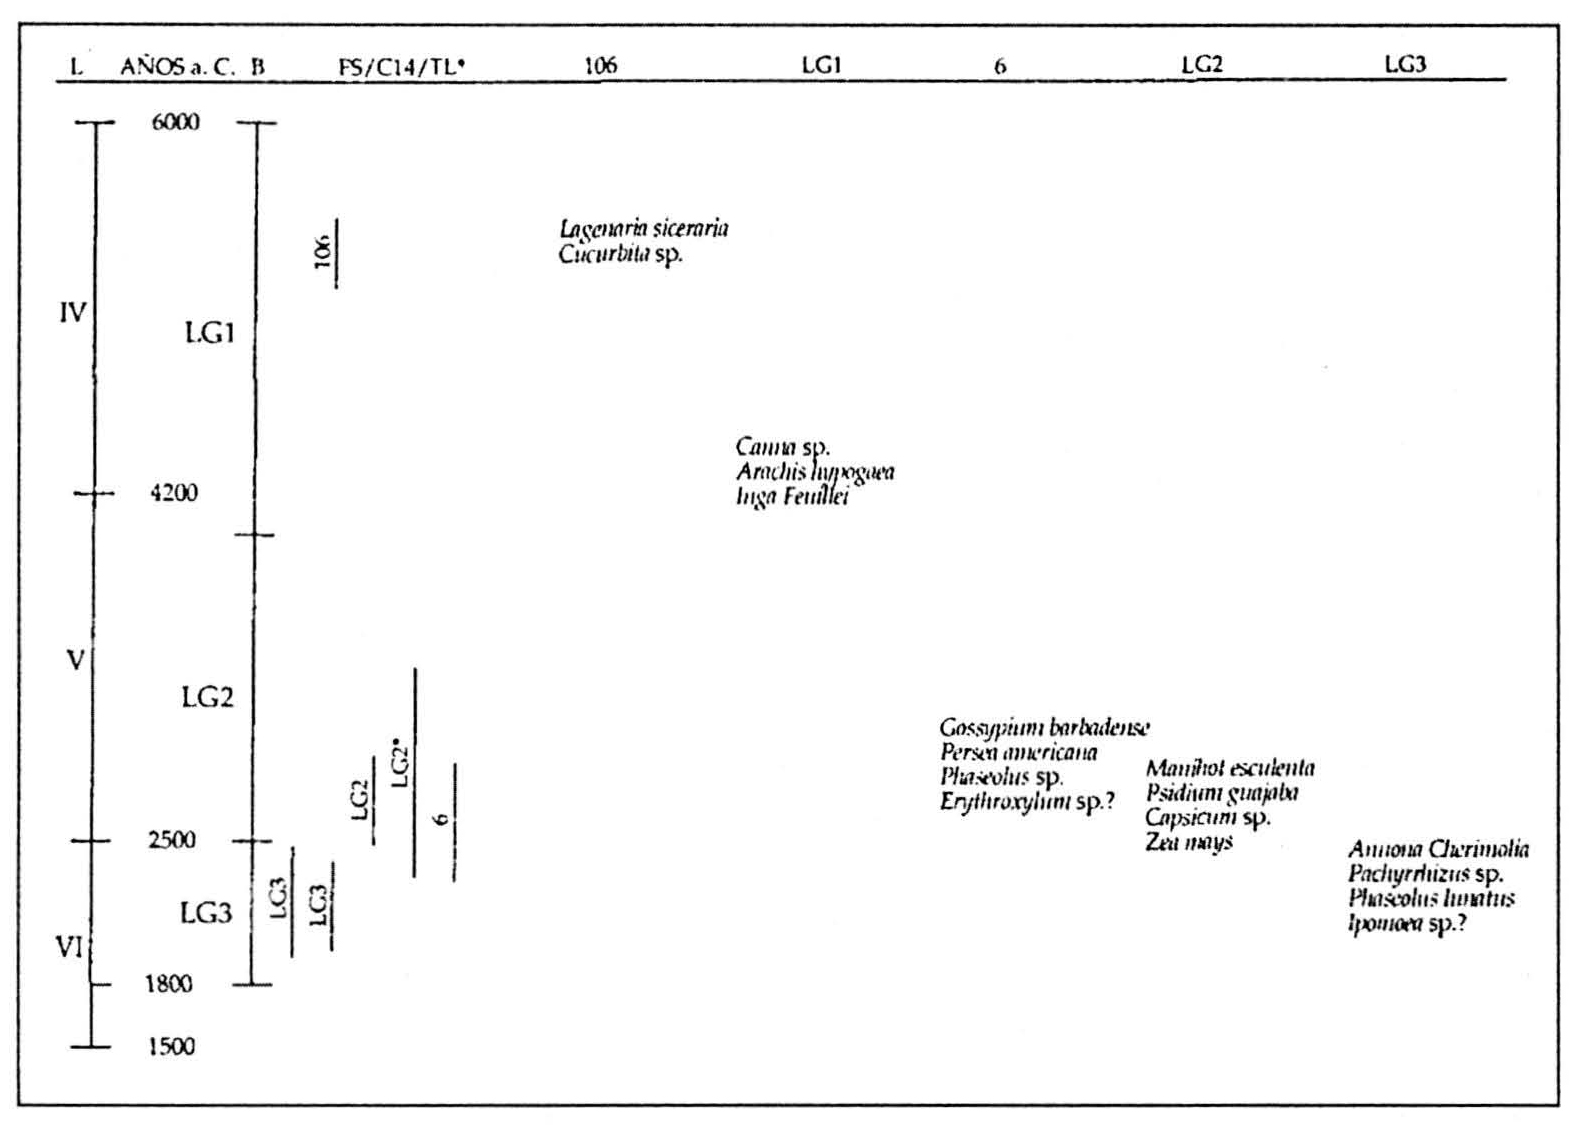 Arqueología y vida: Duccio Bonavia - De la caza-recolección a la ...